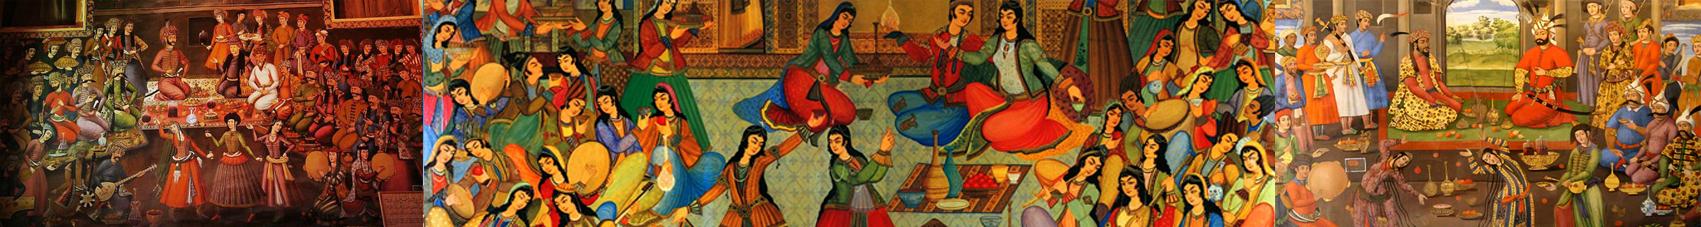 Iranian celebrations